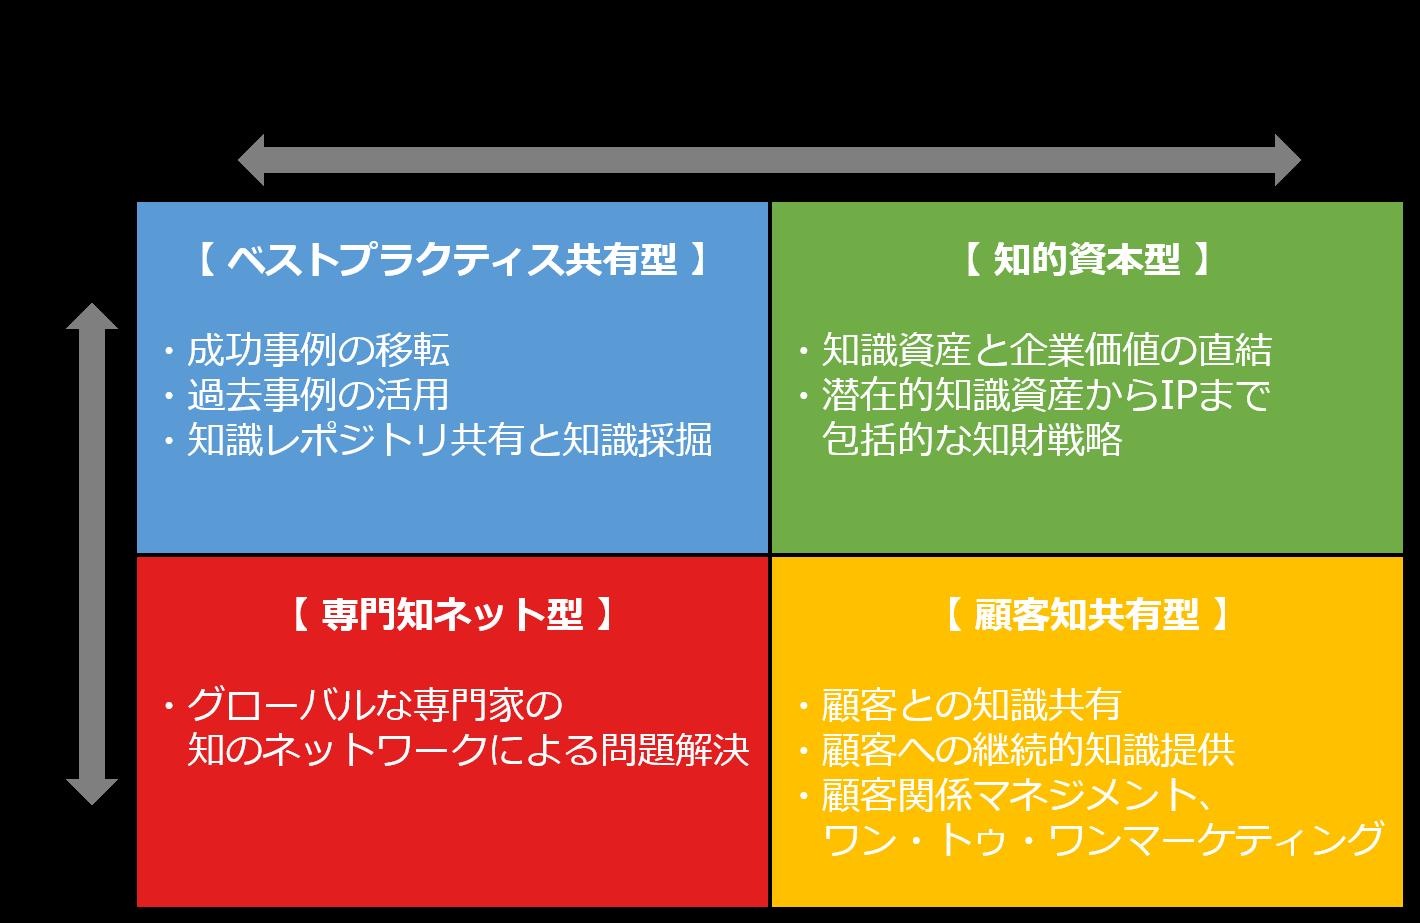 ナレッジマネジメントの4つのタイプ.png